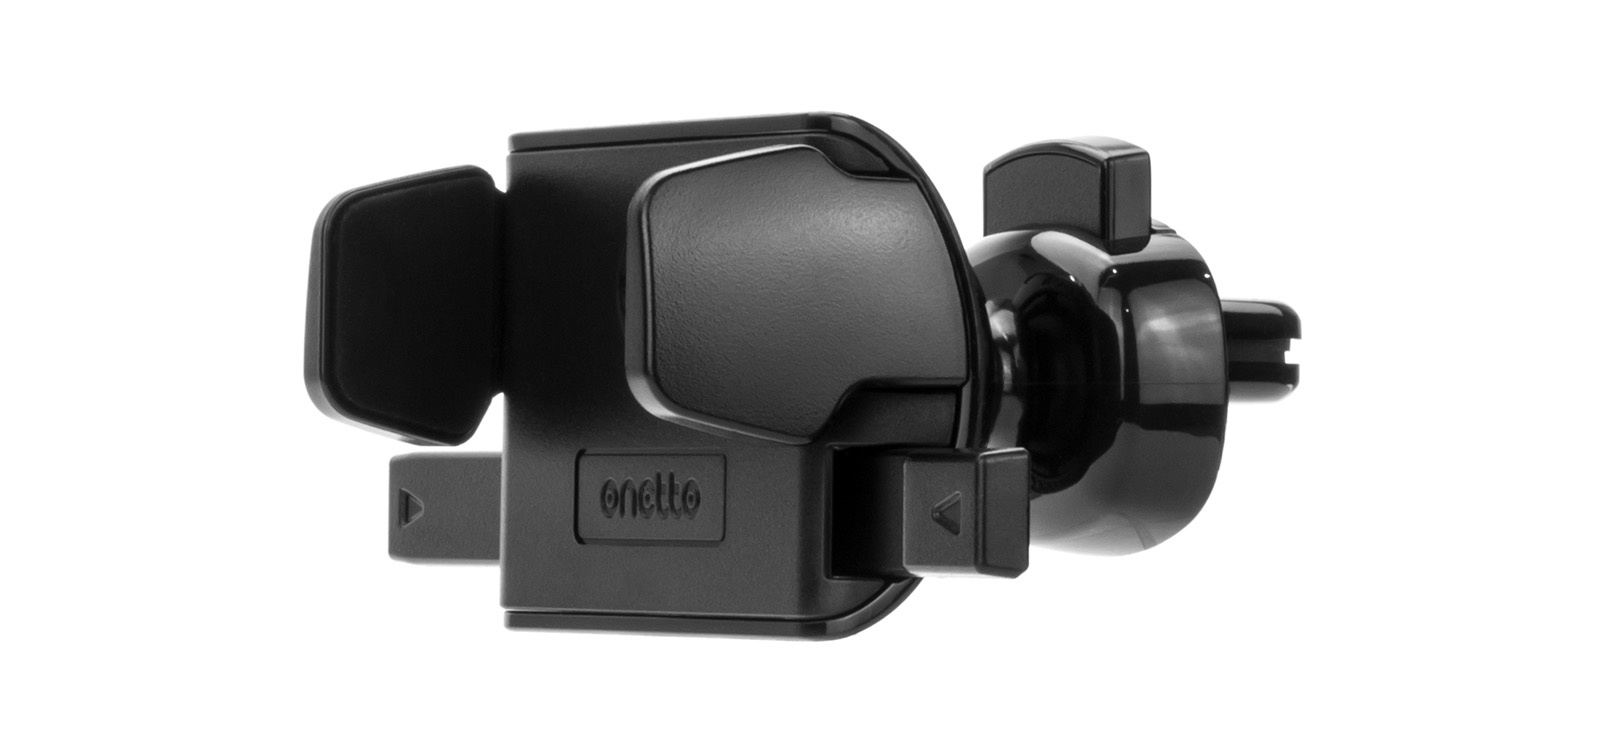 Автомобильный держатель Onetto Air Vent Mount One Touch Mini в воздуховод для телефона VM2 SM9, черный автомобильный держатель onetto mount easy one touch 2 черный